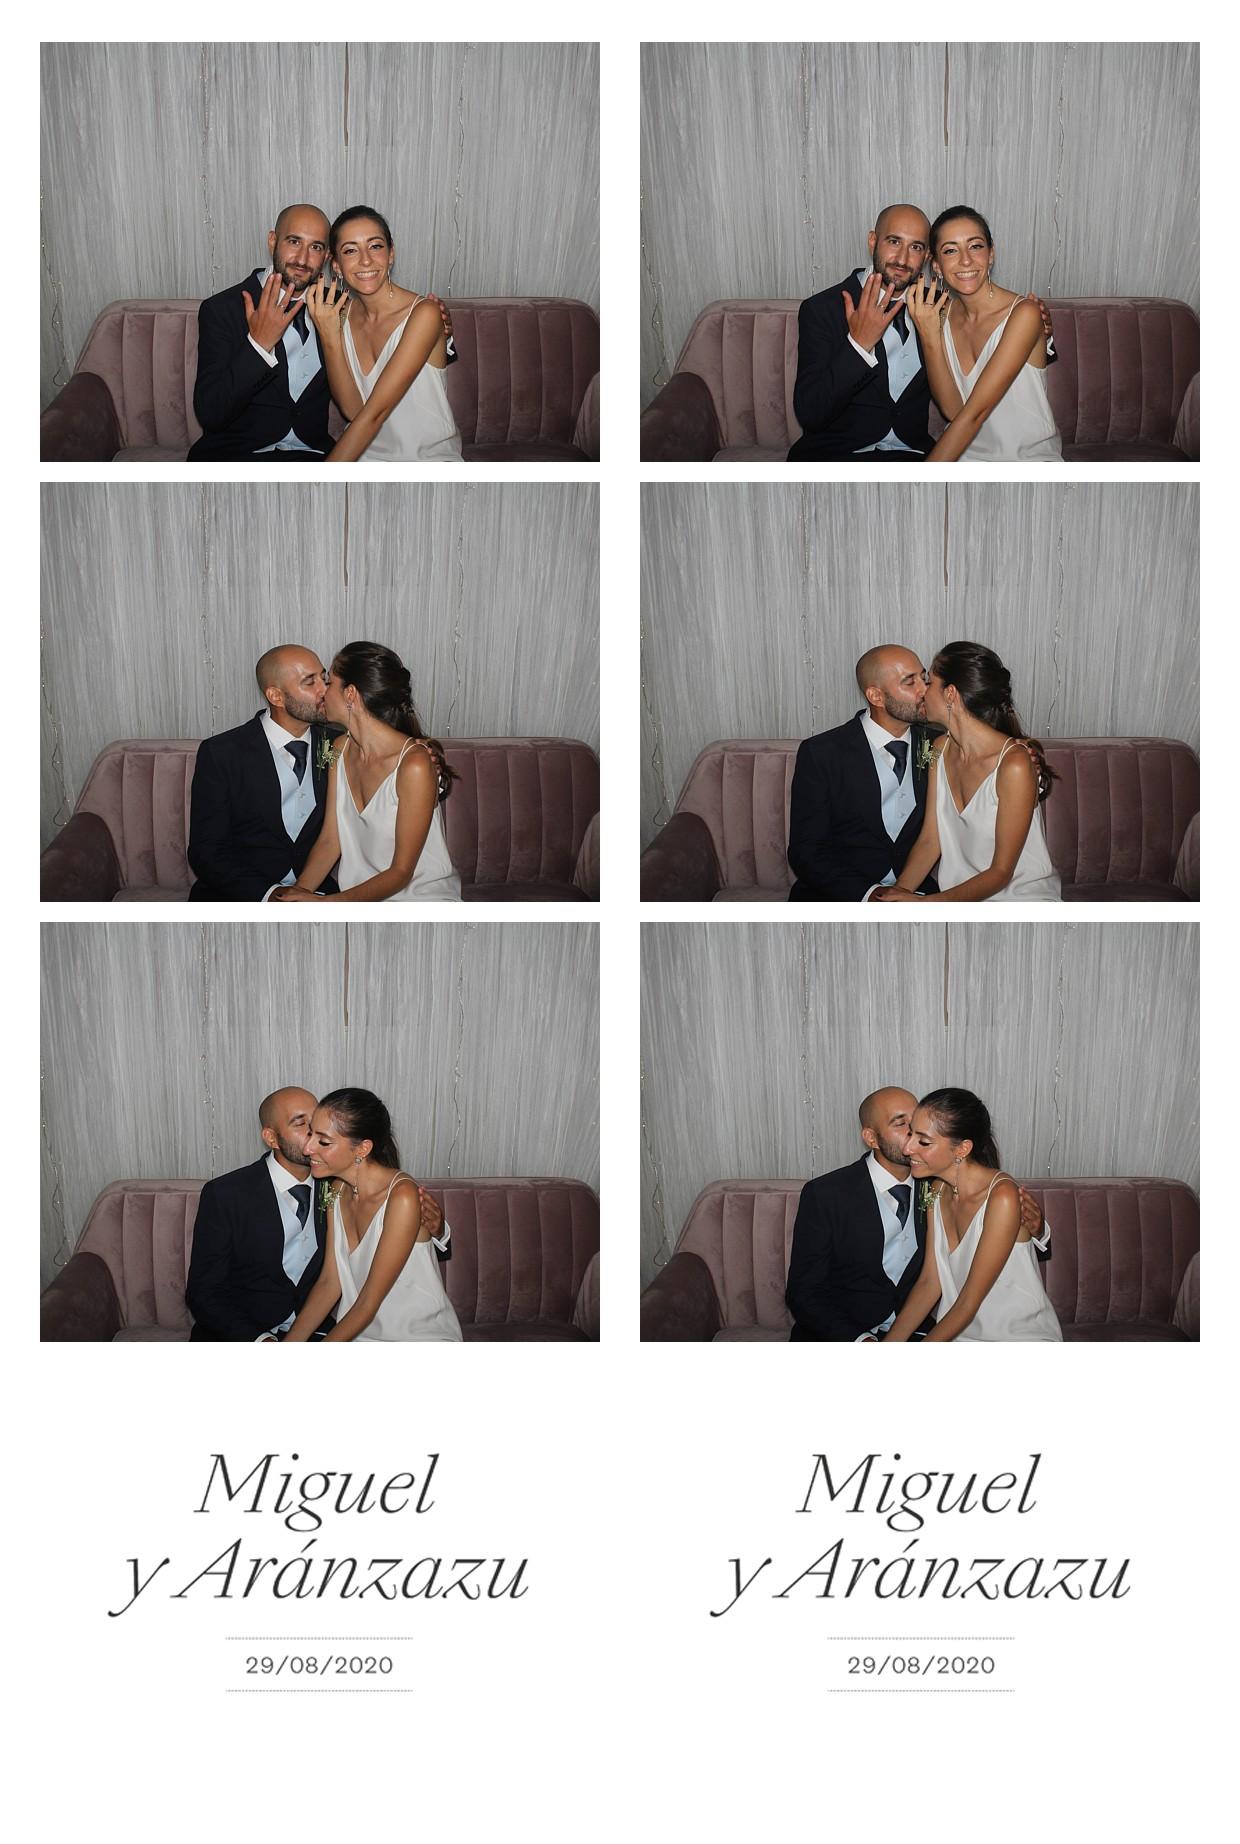 MIGUEL Y ARÁNZAZU